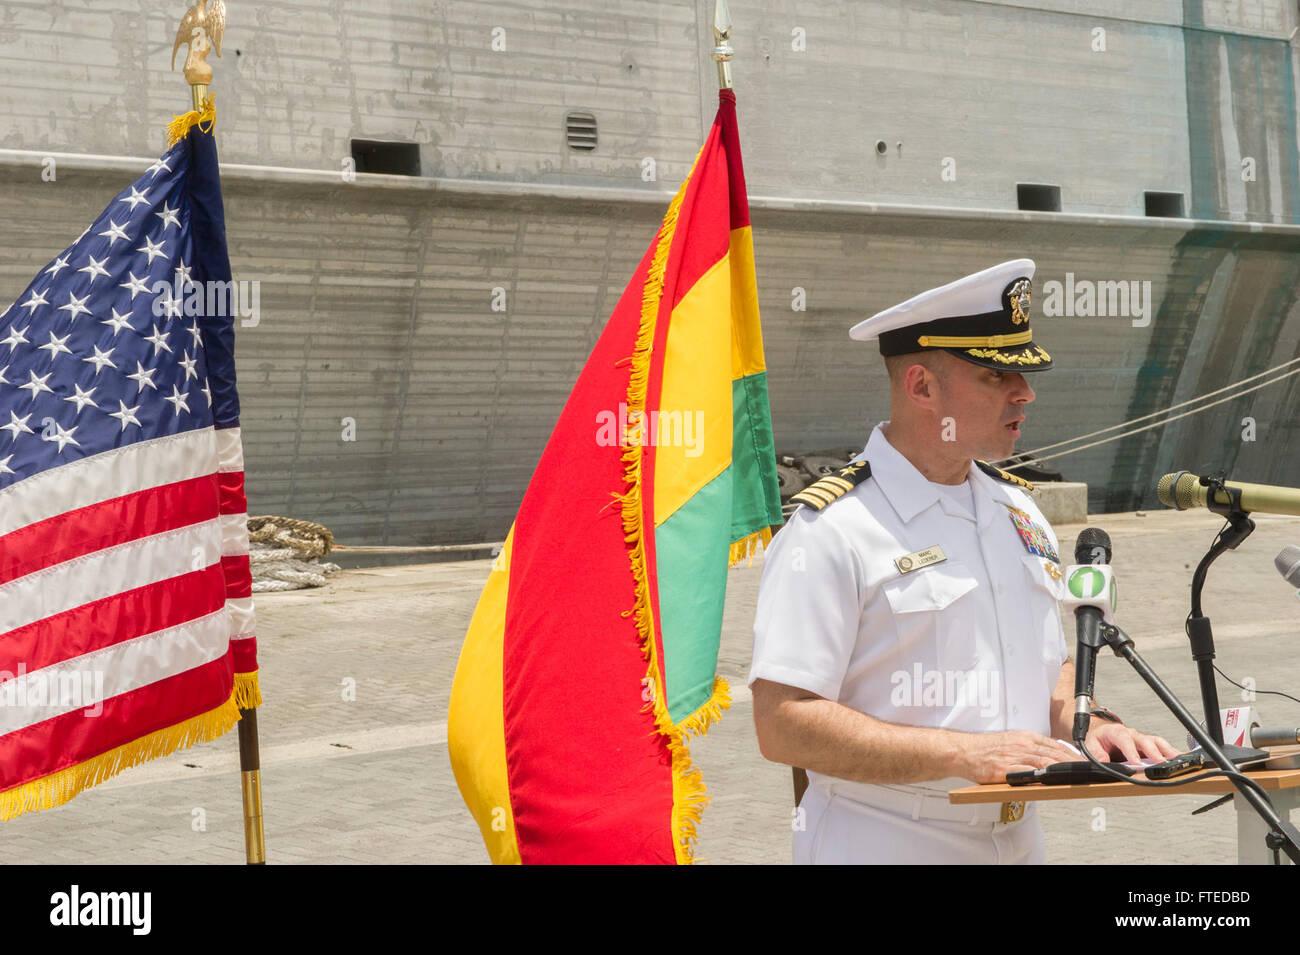 140411-N-ZY039-103 SEKONDI, Ghana (April 11, 2014) - U.S. Navy Capt. Marc Lederer, mission commander aboard joint, - Stock Image